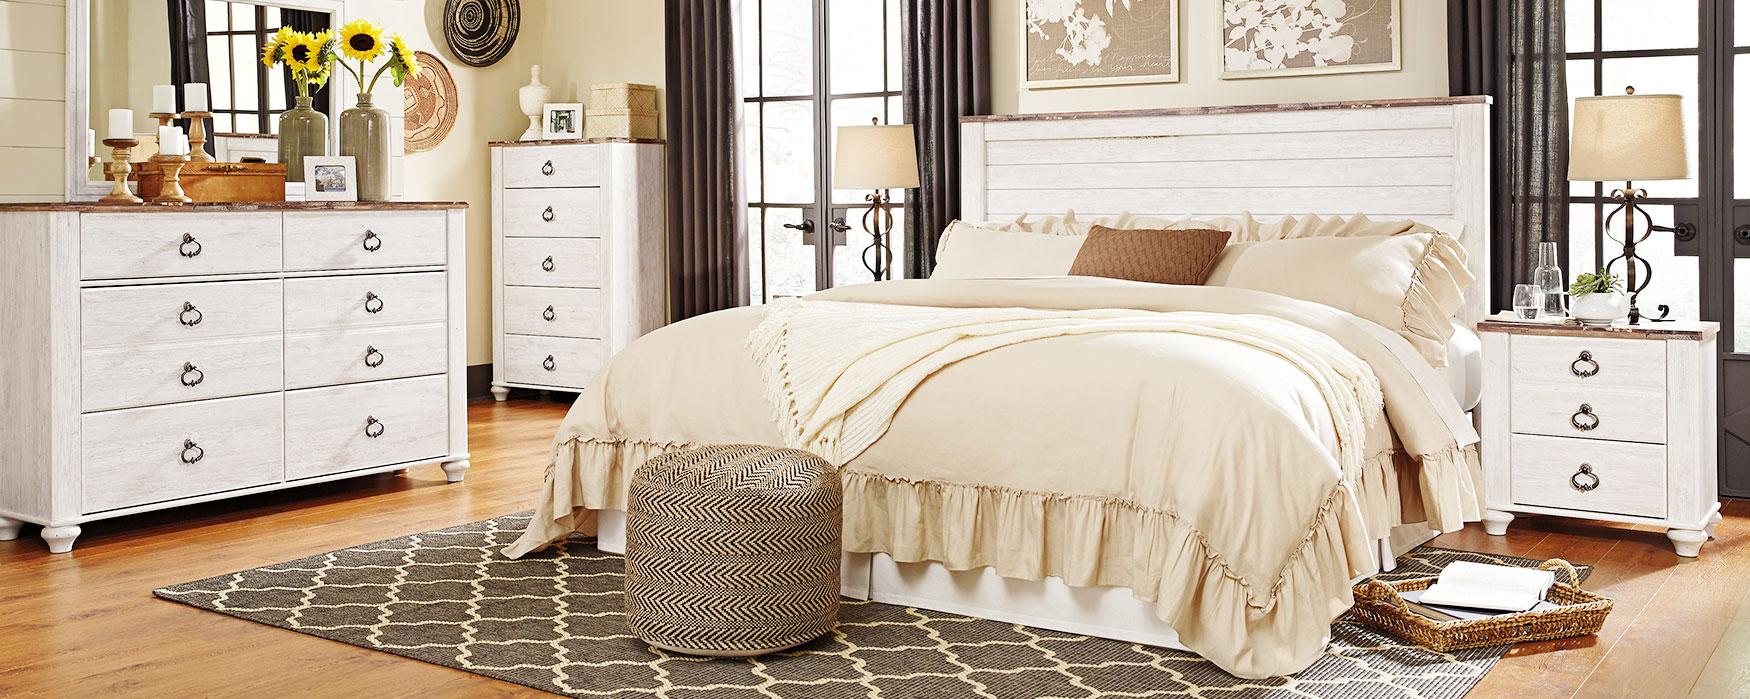 Jaxco Mattress Bedroom Living Room Furniture Store In